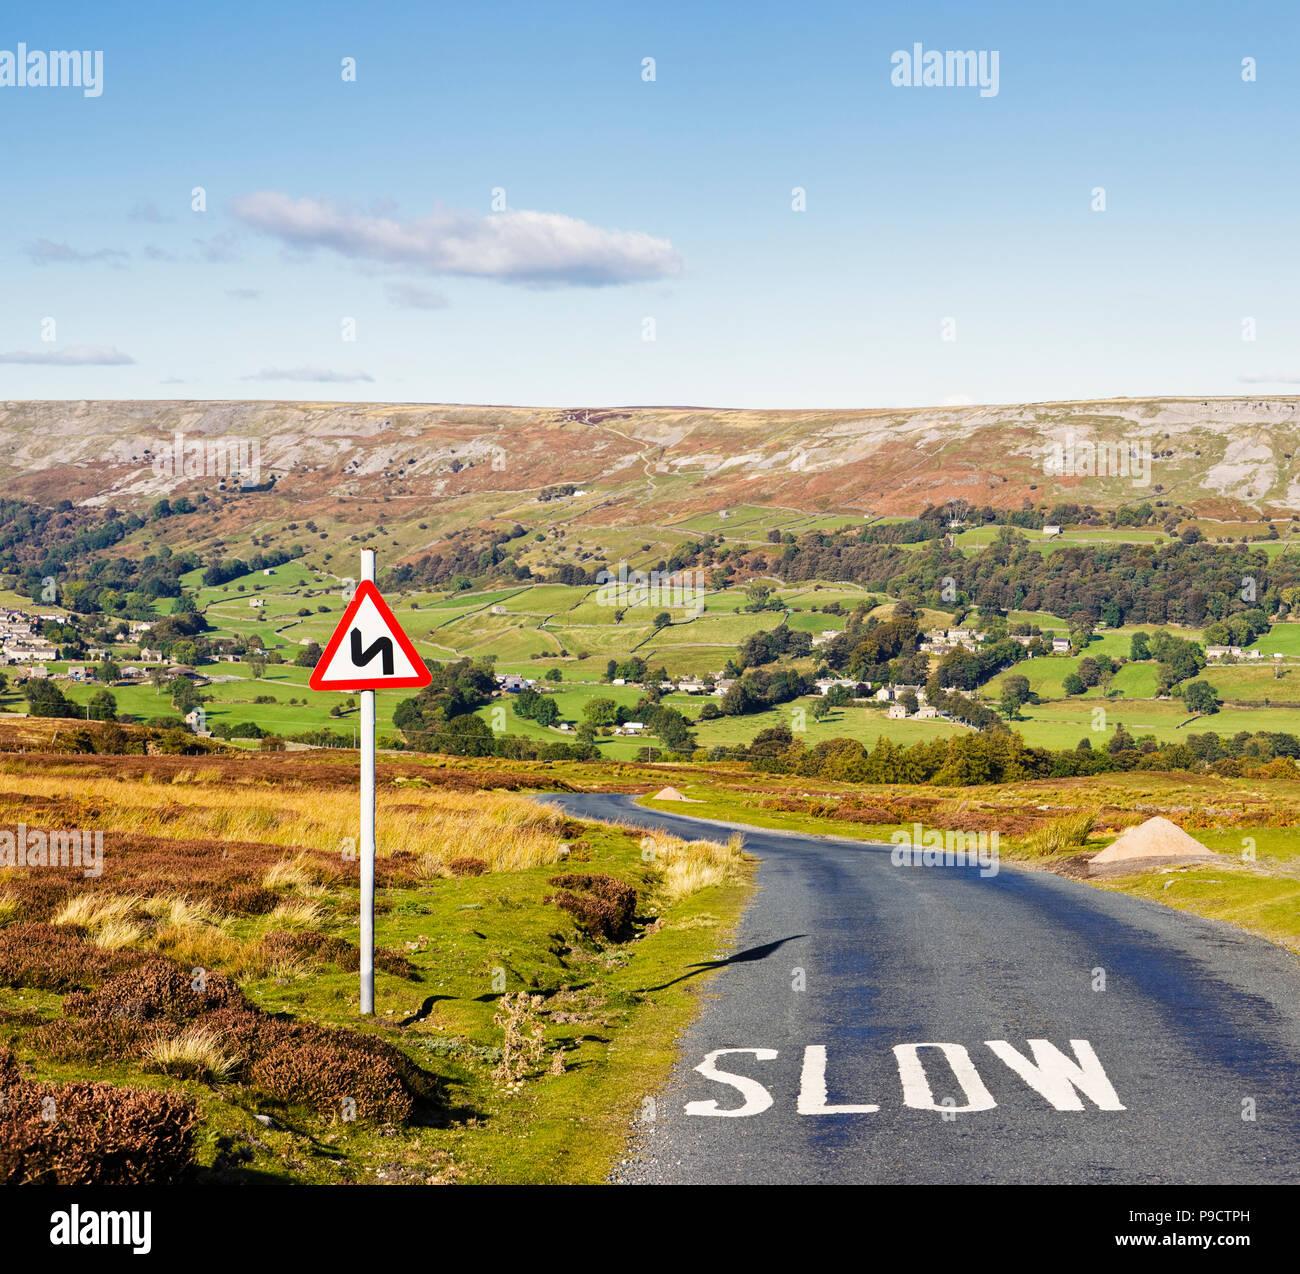 Cartello stradale di avvertimento di curve pericolose davanti e lenta dipinta sulla superficie della strada, Yorkshire Dales National Park, England, Regno Unito Immagini Stock